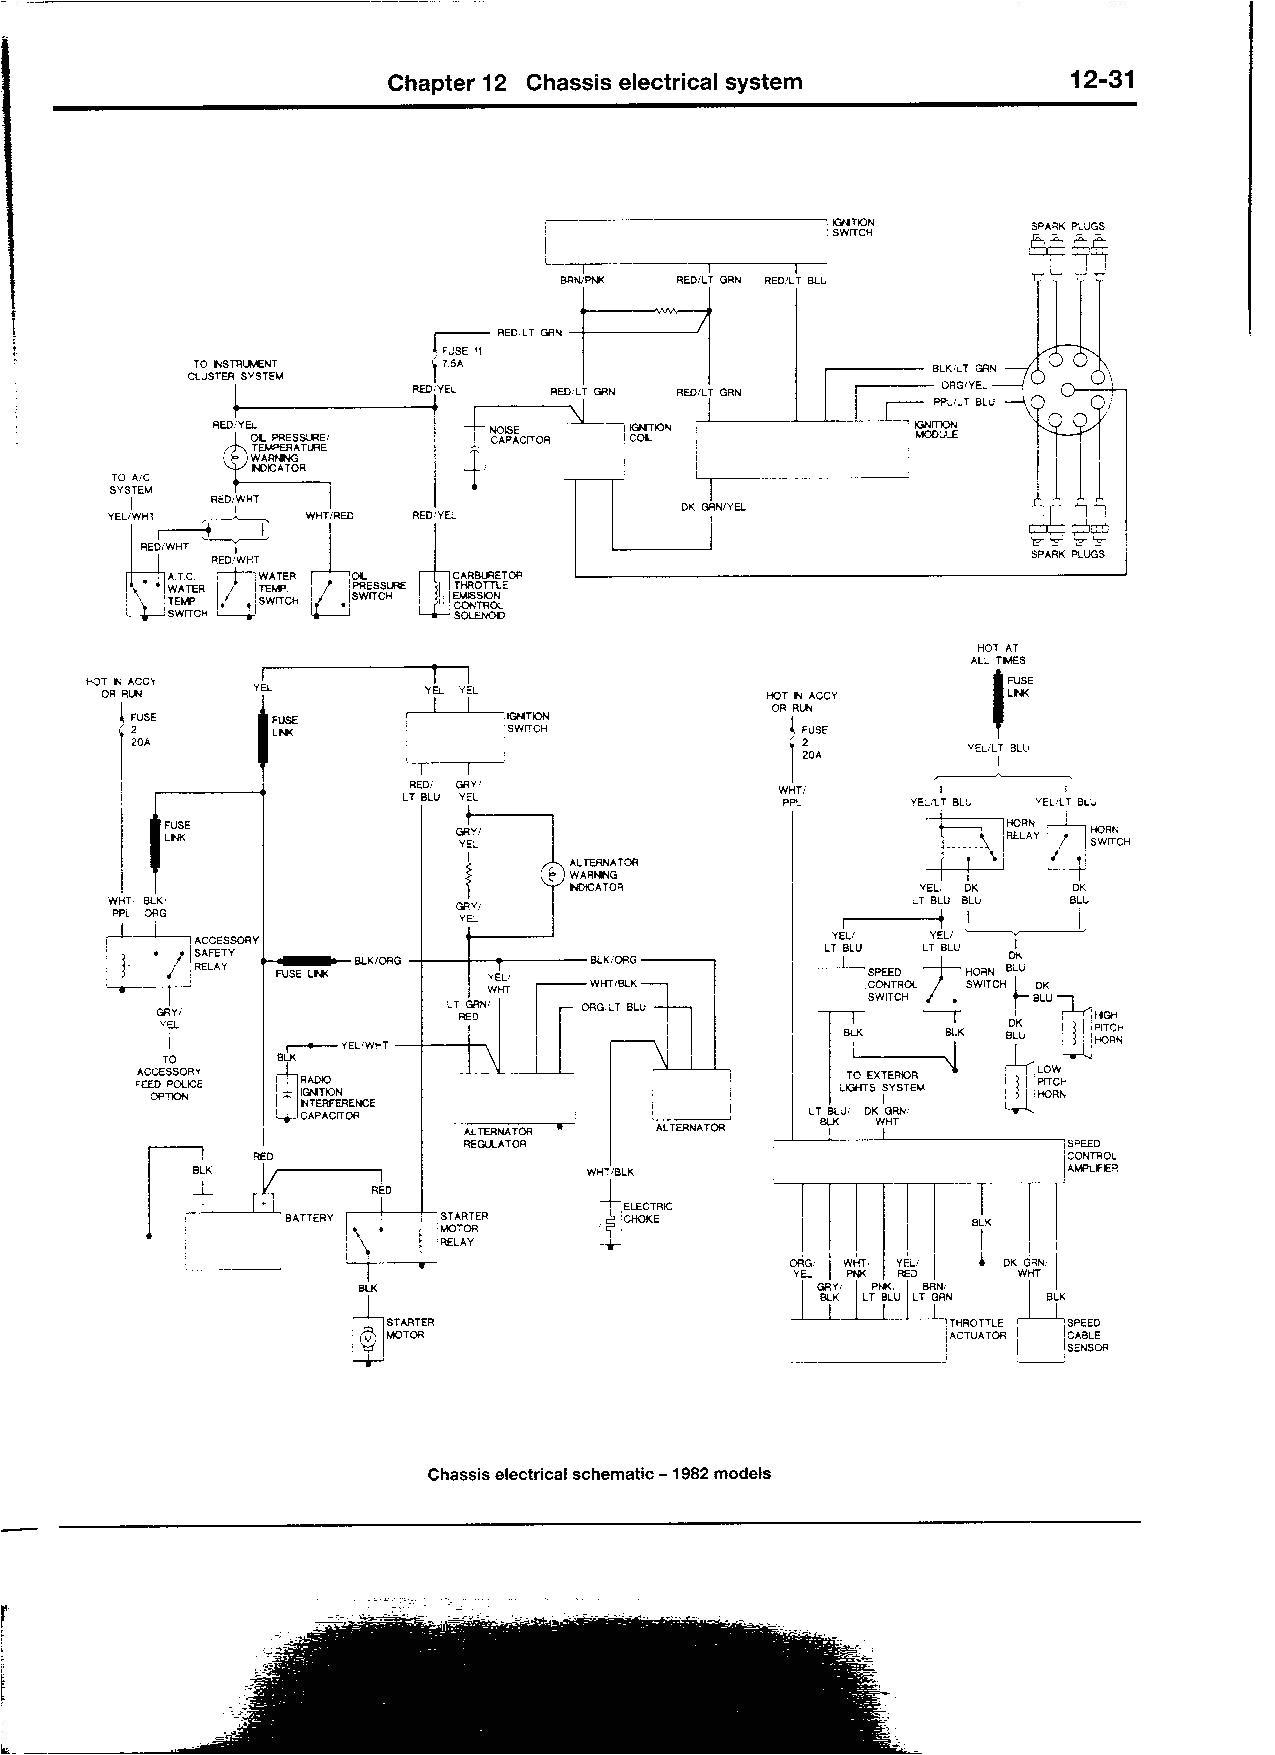 1glij 1982 ford f 150 wiring diagram shorted lug the alternator